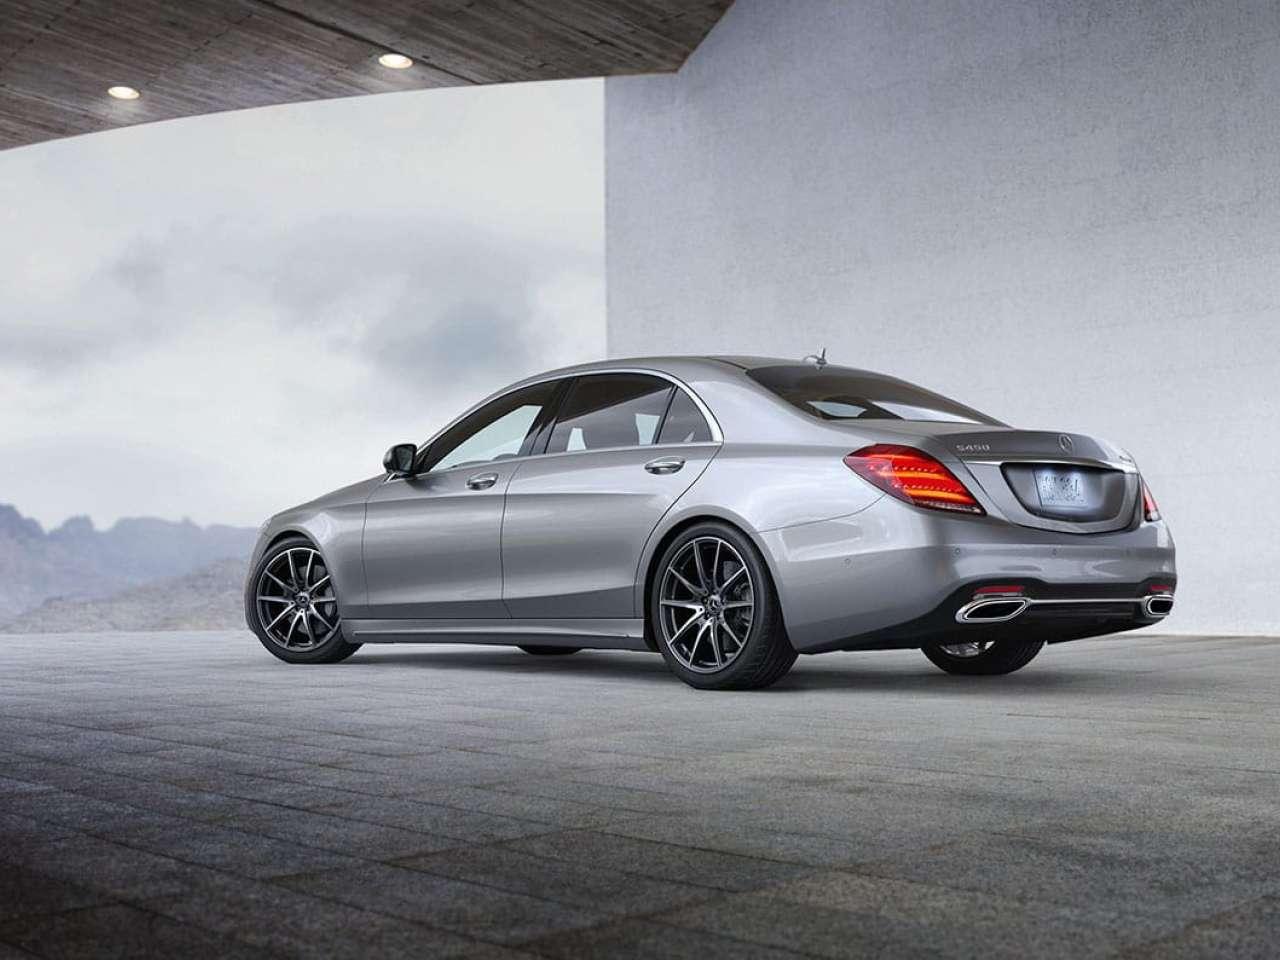 Mercedes-Benz S-Class имеет длину от 503 см до 546 см